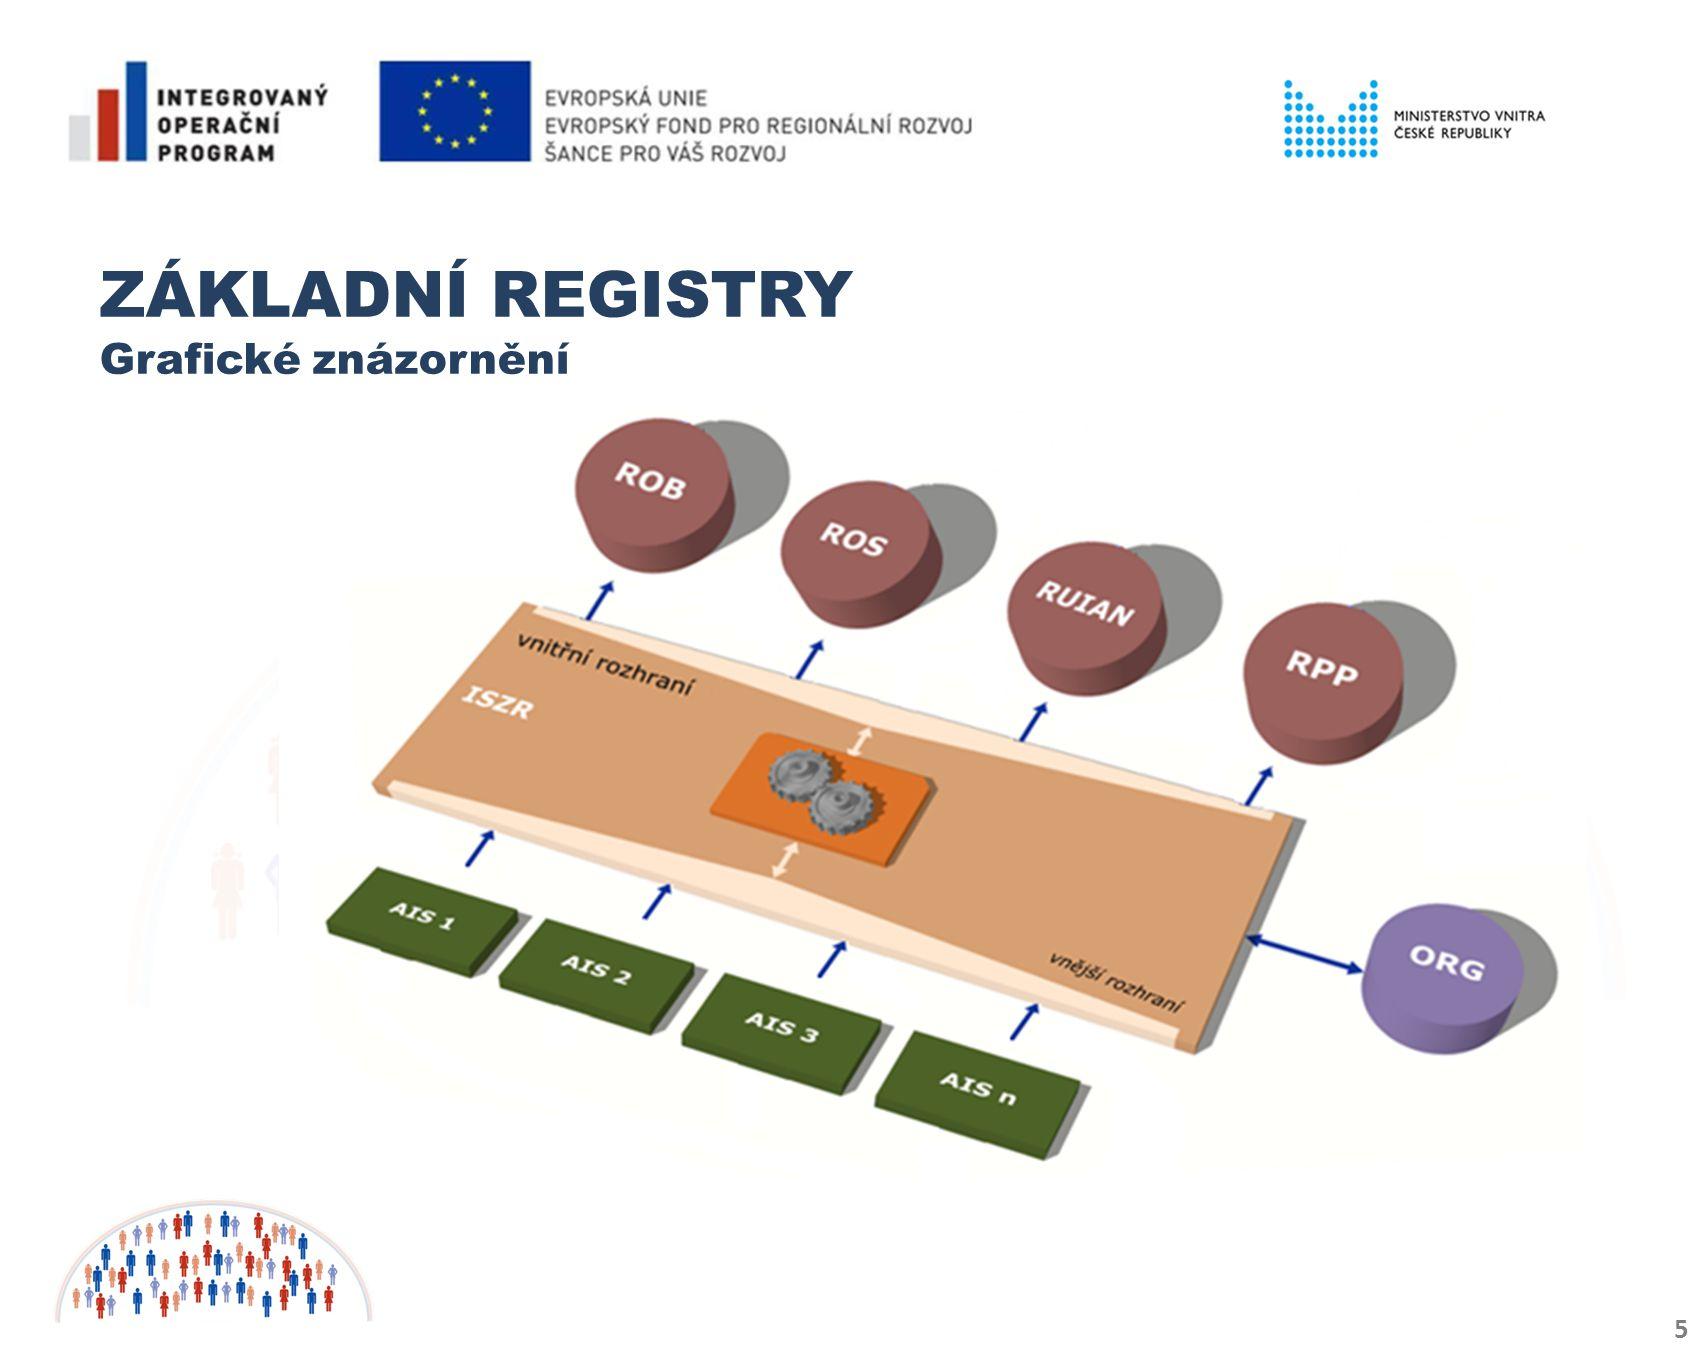 6 PROSTŘEDKY KOMUNIKACE mezi agendami navzájem a agendami a základními registry od 1.